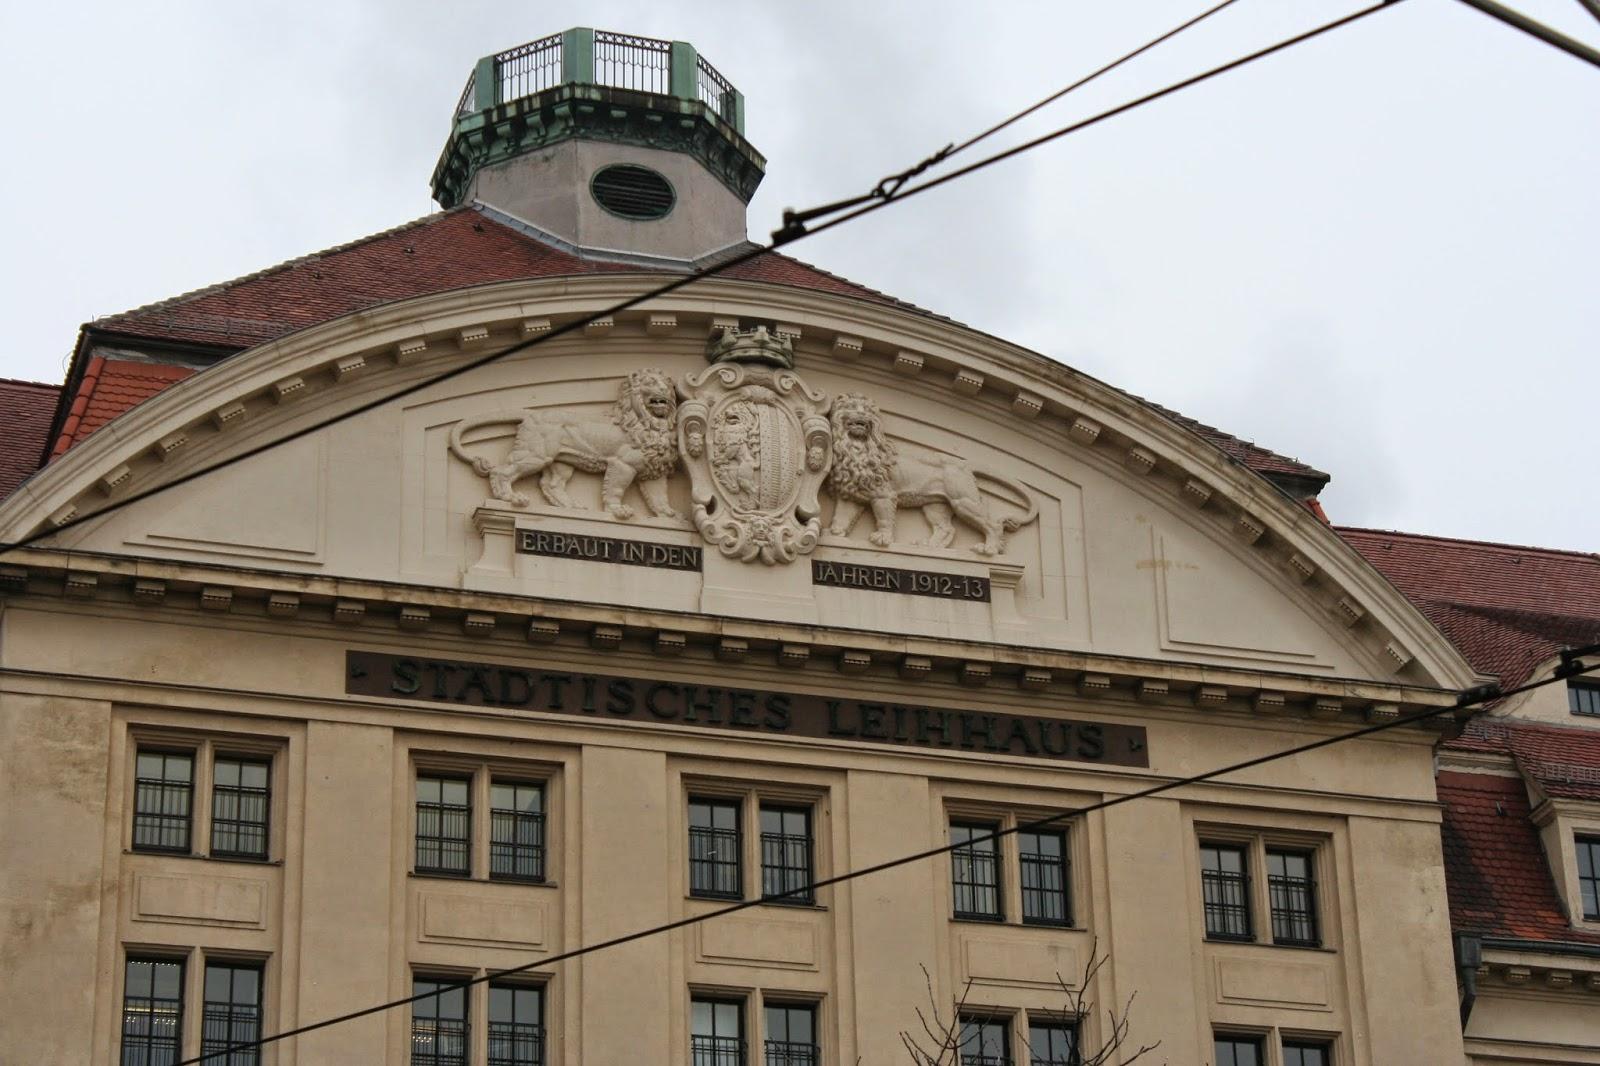 """Hier noch am Haus die Aufschrift """"Städtisches Leihhaus"""" sowie das Erbauungsdatum - zu DDR Zeiten wurde das Gebäude als """"Haus der Dienstleistungen"""" oder besser gesagt als """"VEB Dienstleistungskombinat"""" genutzt"""